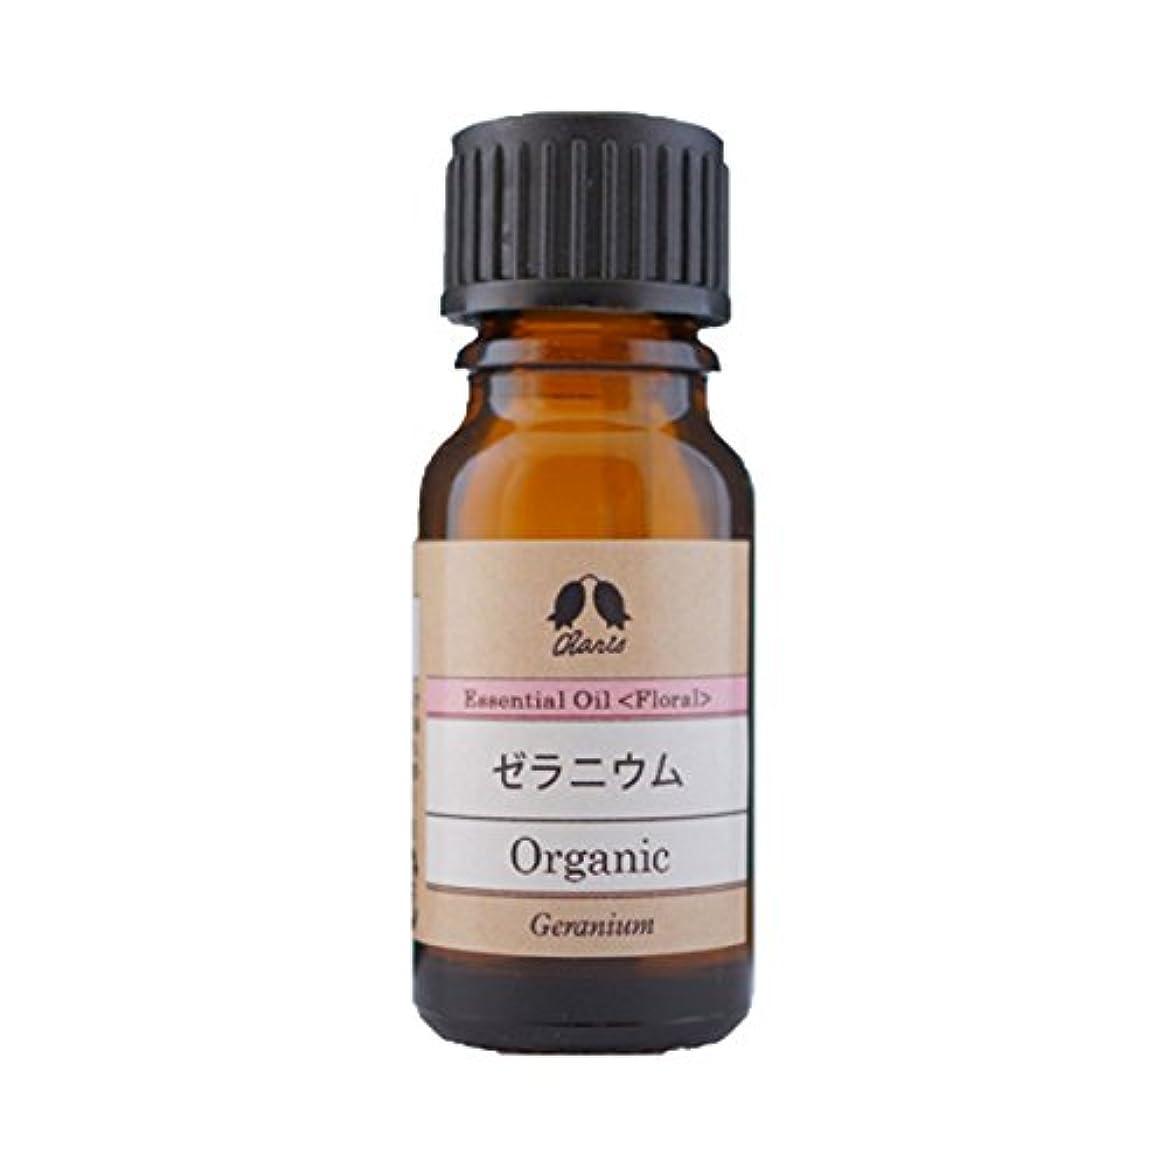 ダニ松クレデンシャルカリス エッセンシャルオイル ゼラニウム オーガニック オイル 10ml